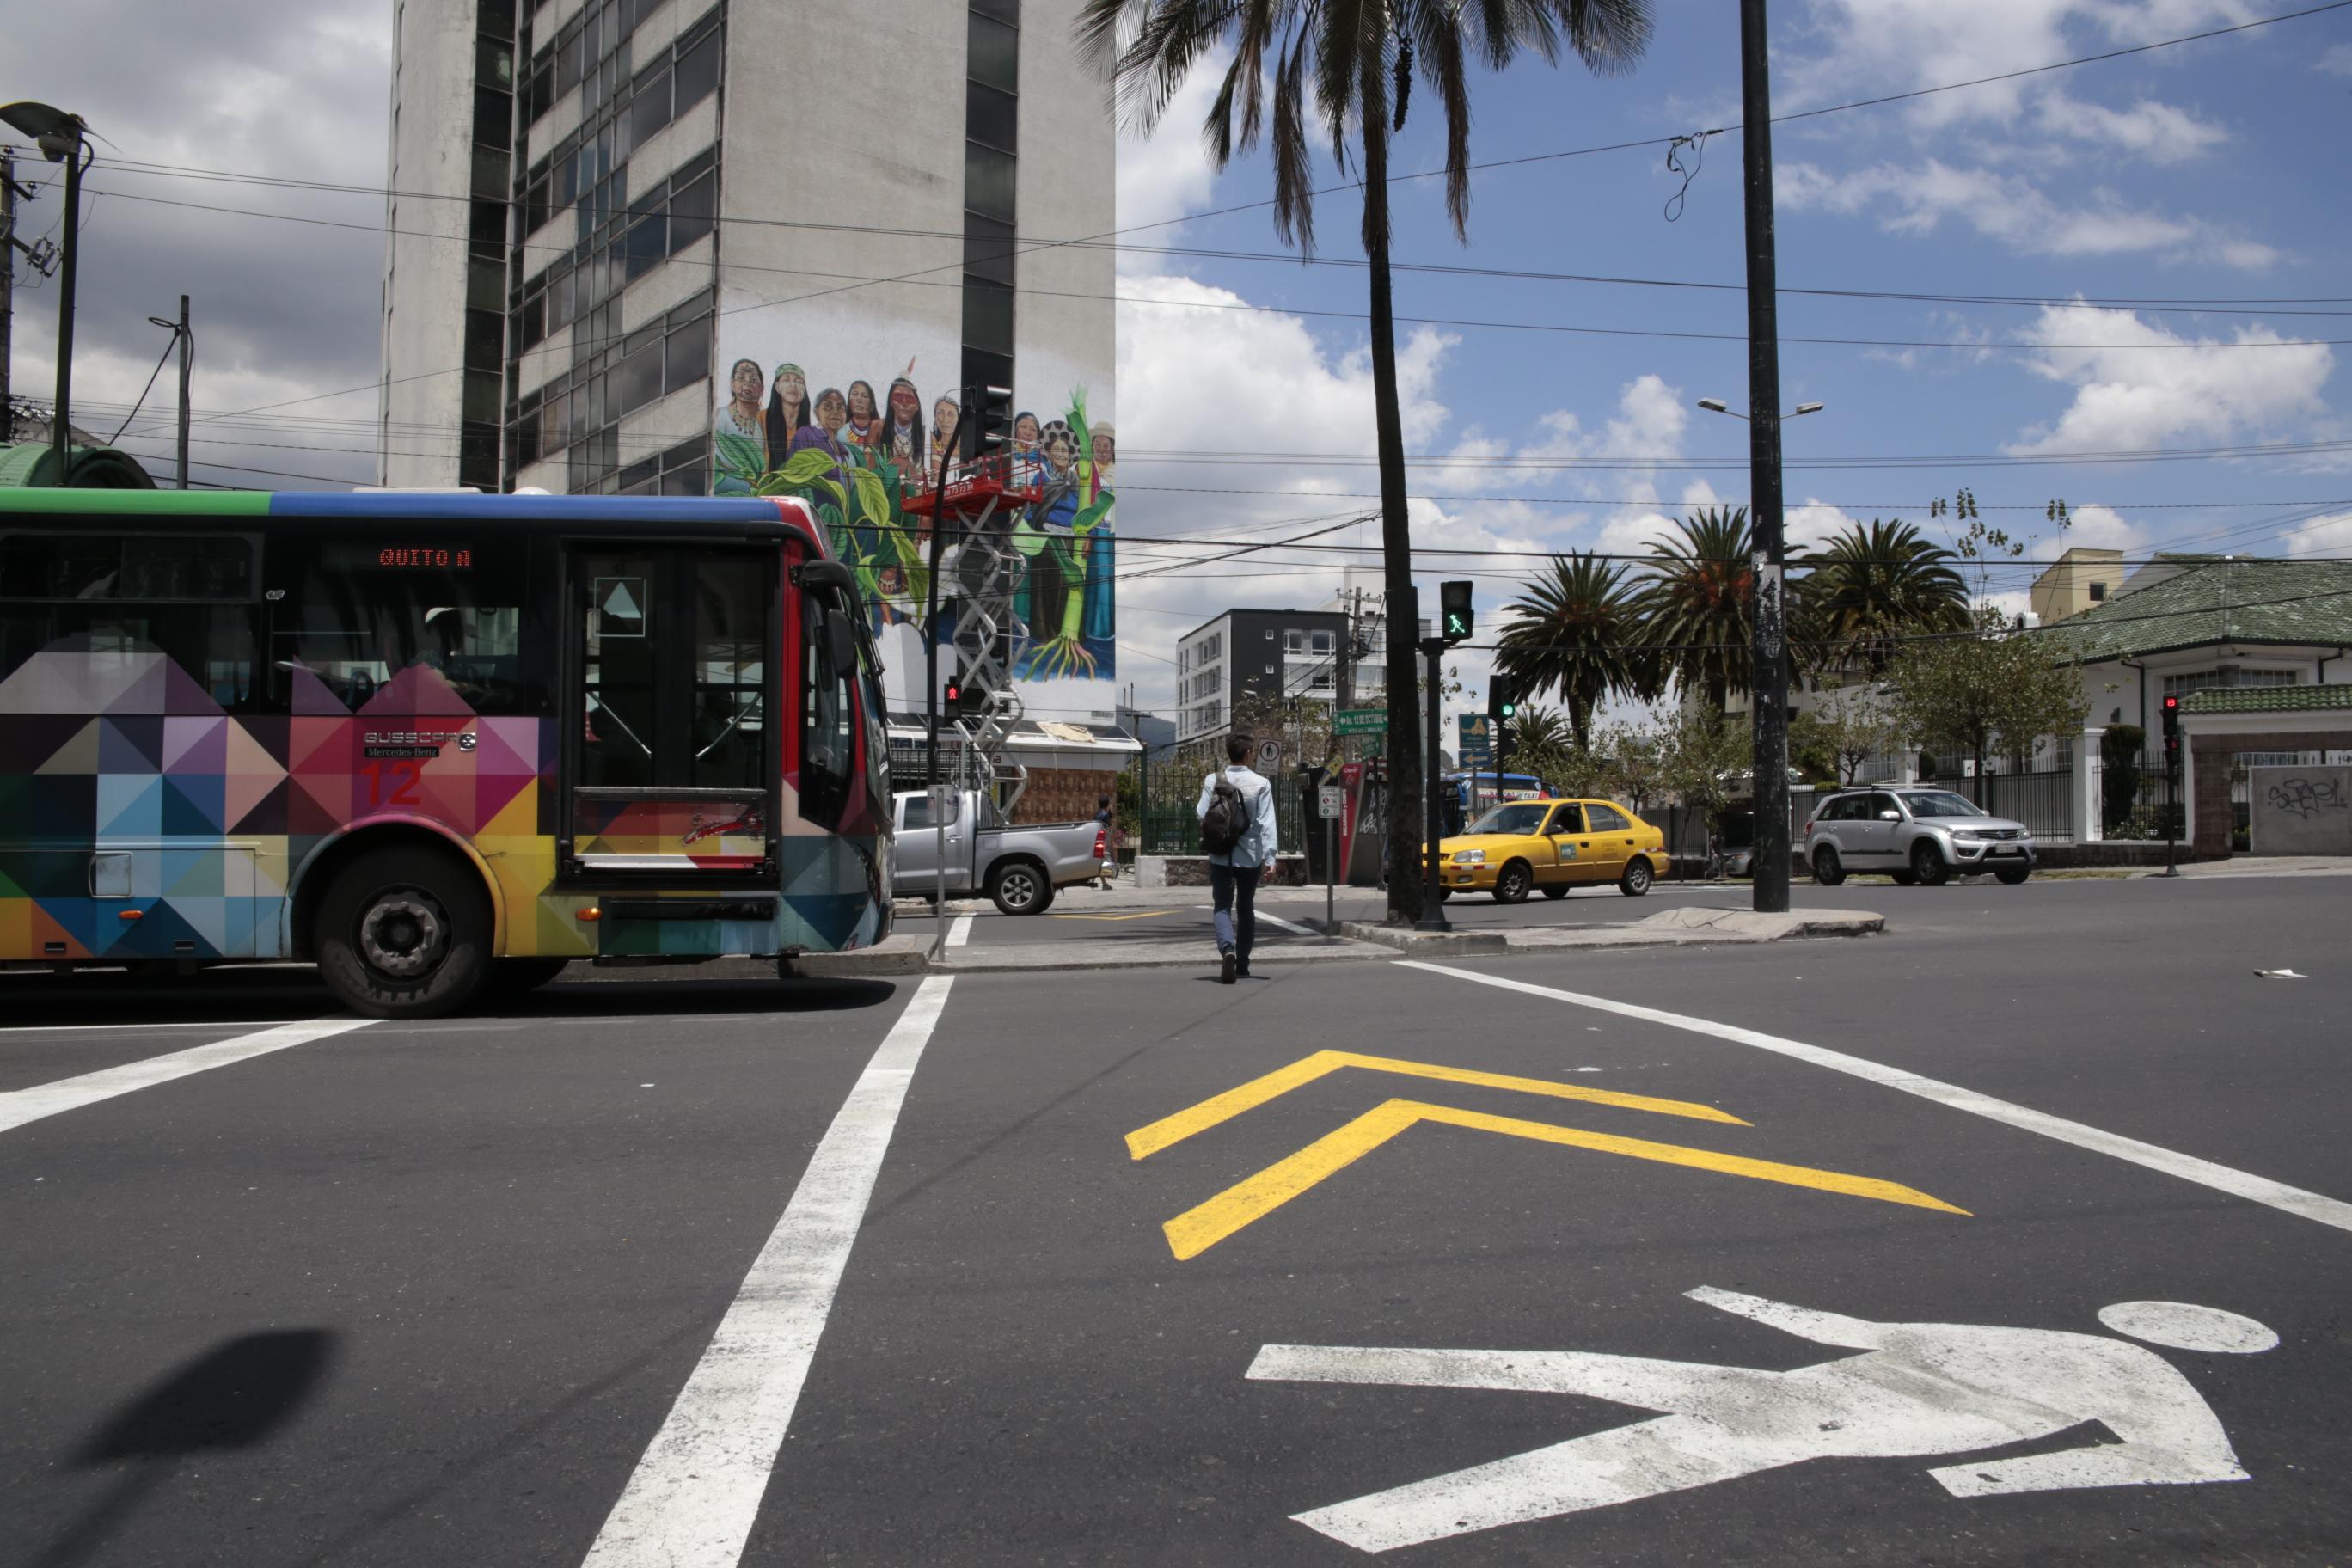 Travessia de pedestres em Quito (Foto: Bruno Felin/WRI Brasil Cidades Sustentáveis)